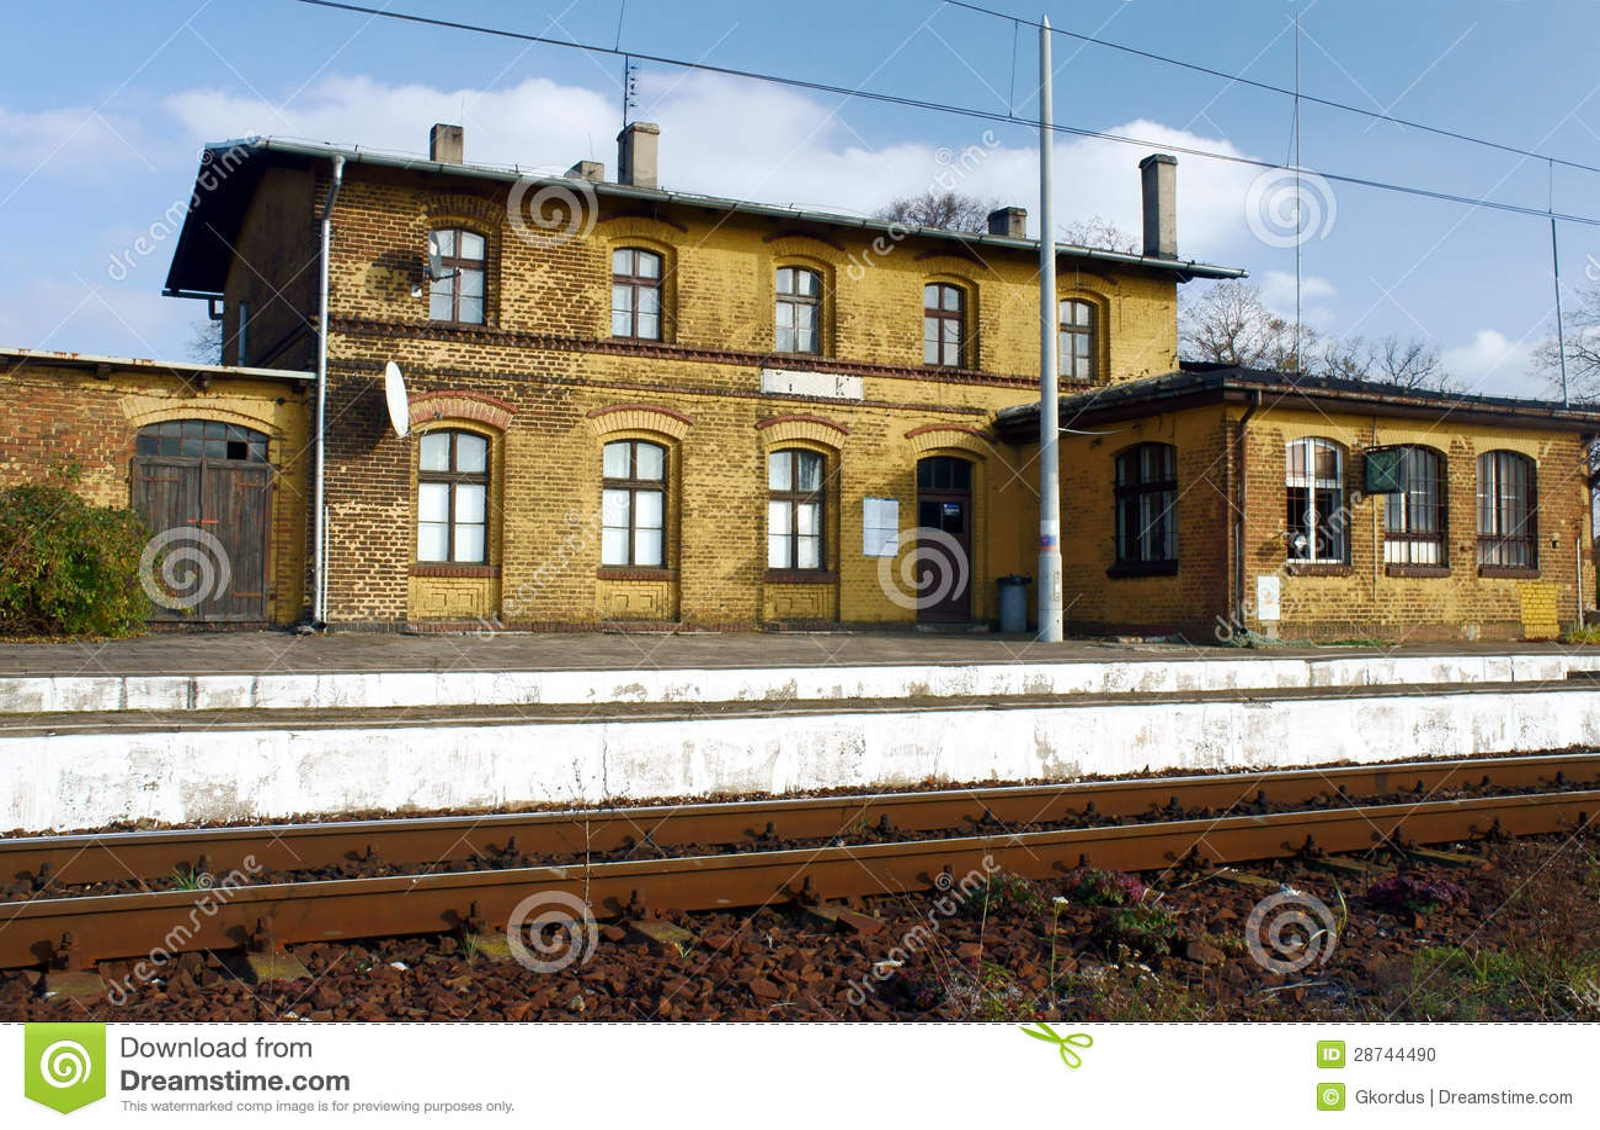 Estação de comboio pequena, velha